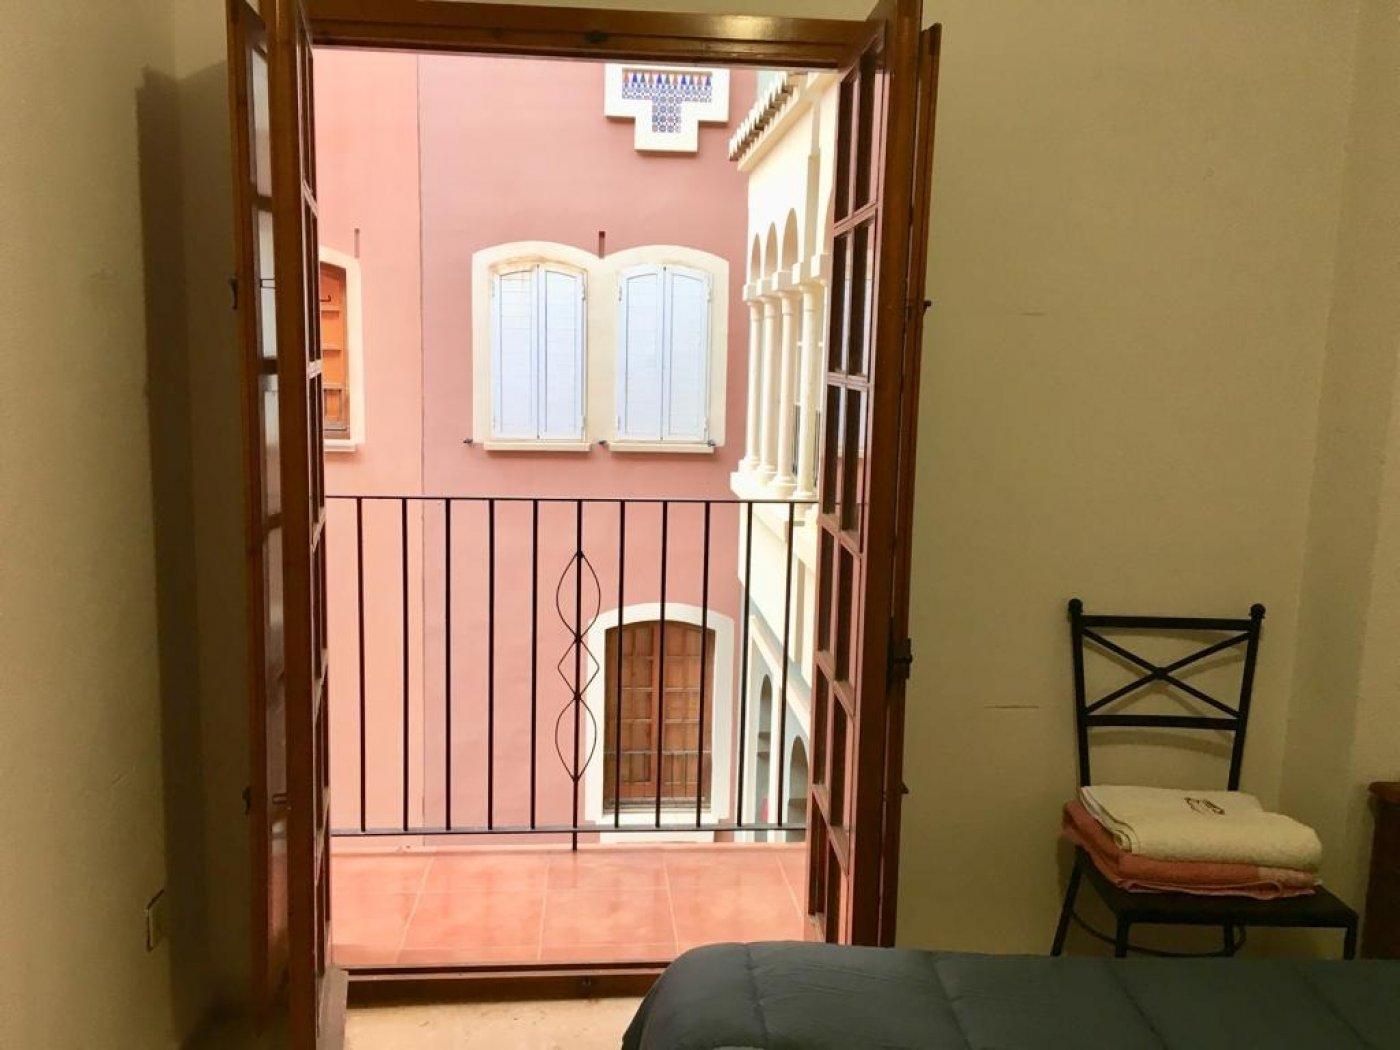 Estupendo apartamento en portsaplaya!!! - imagenInmueble12